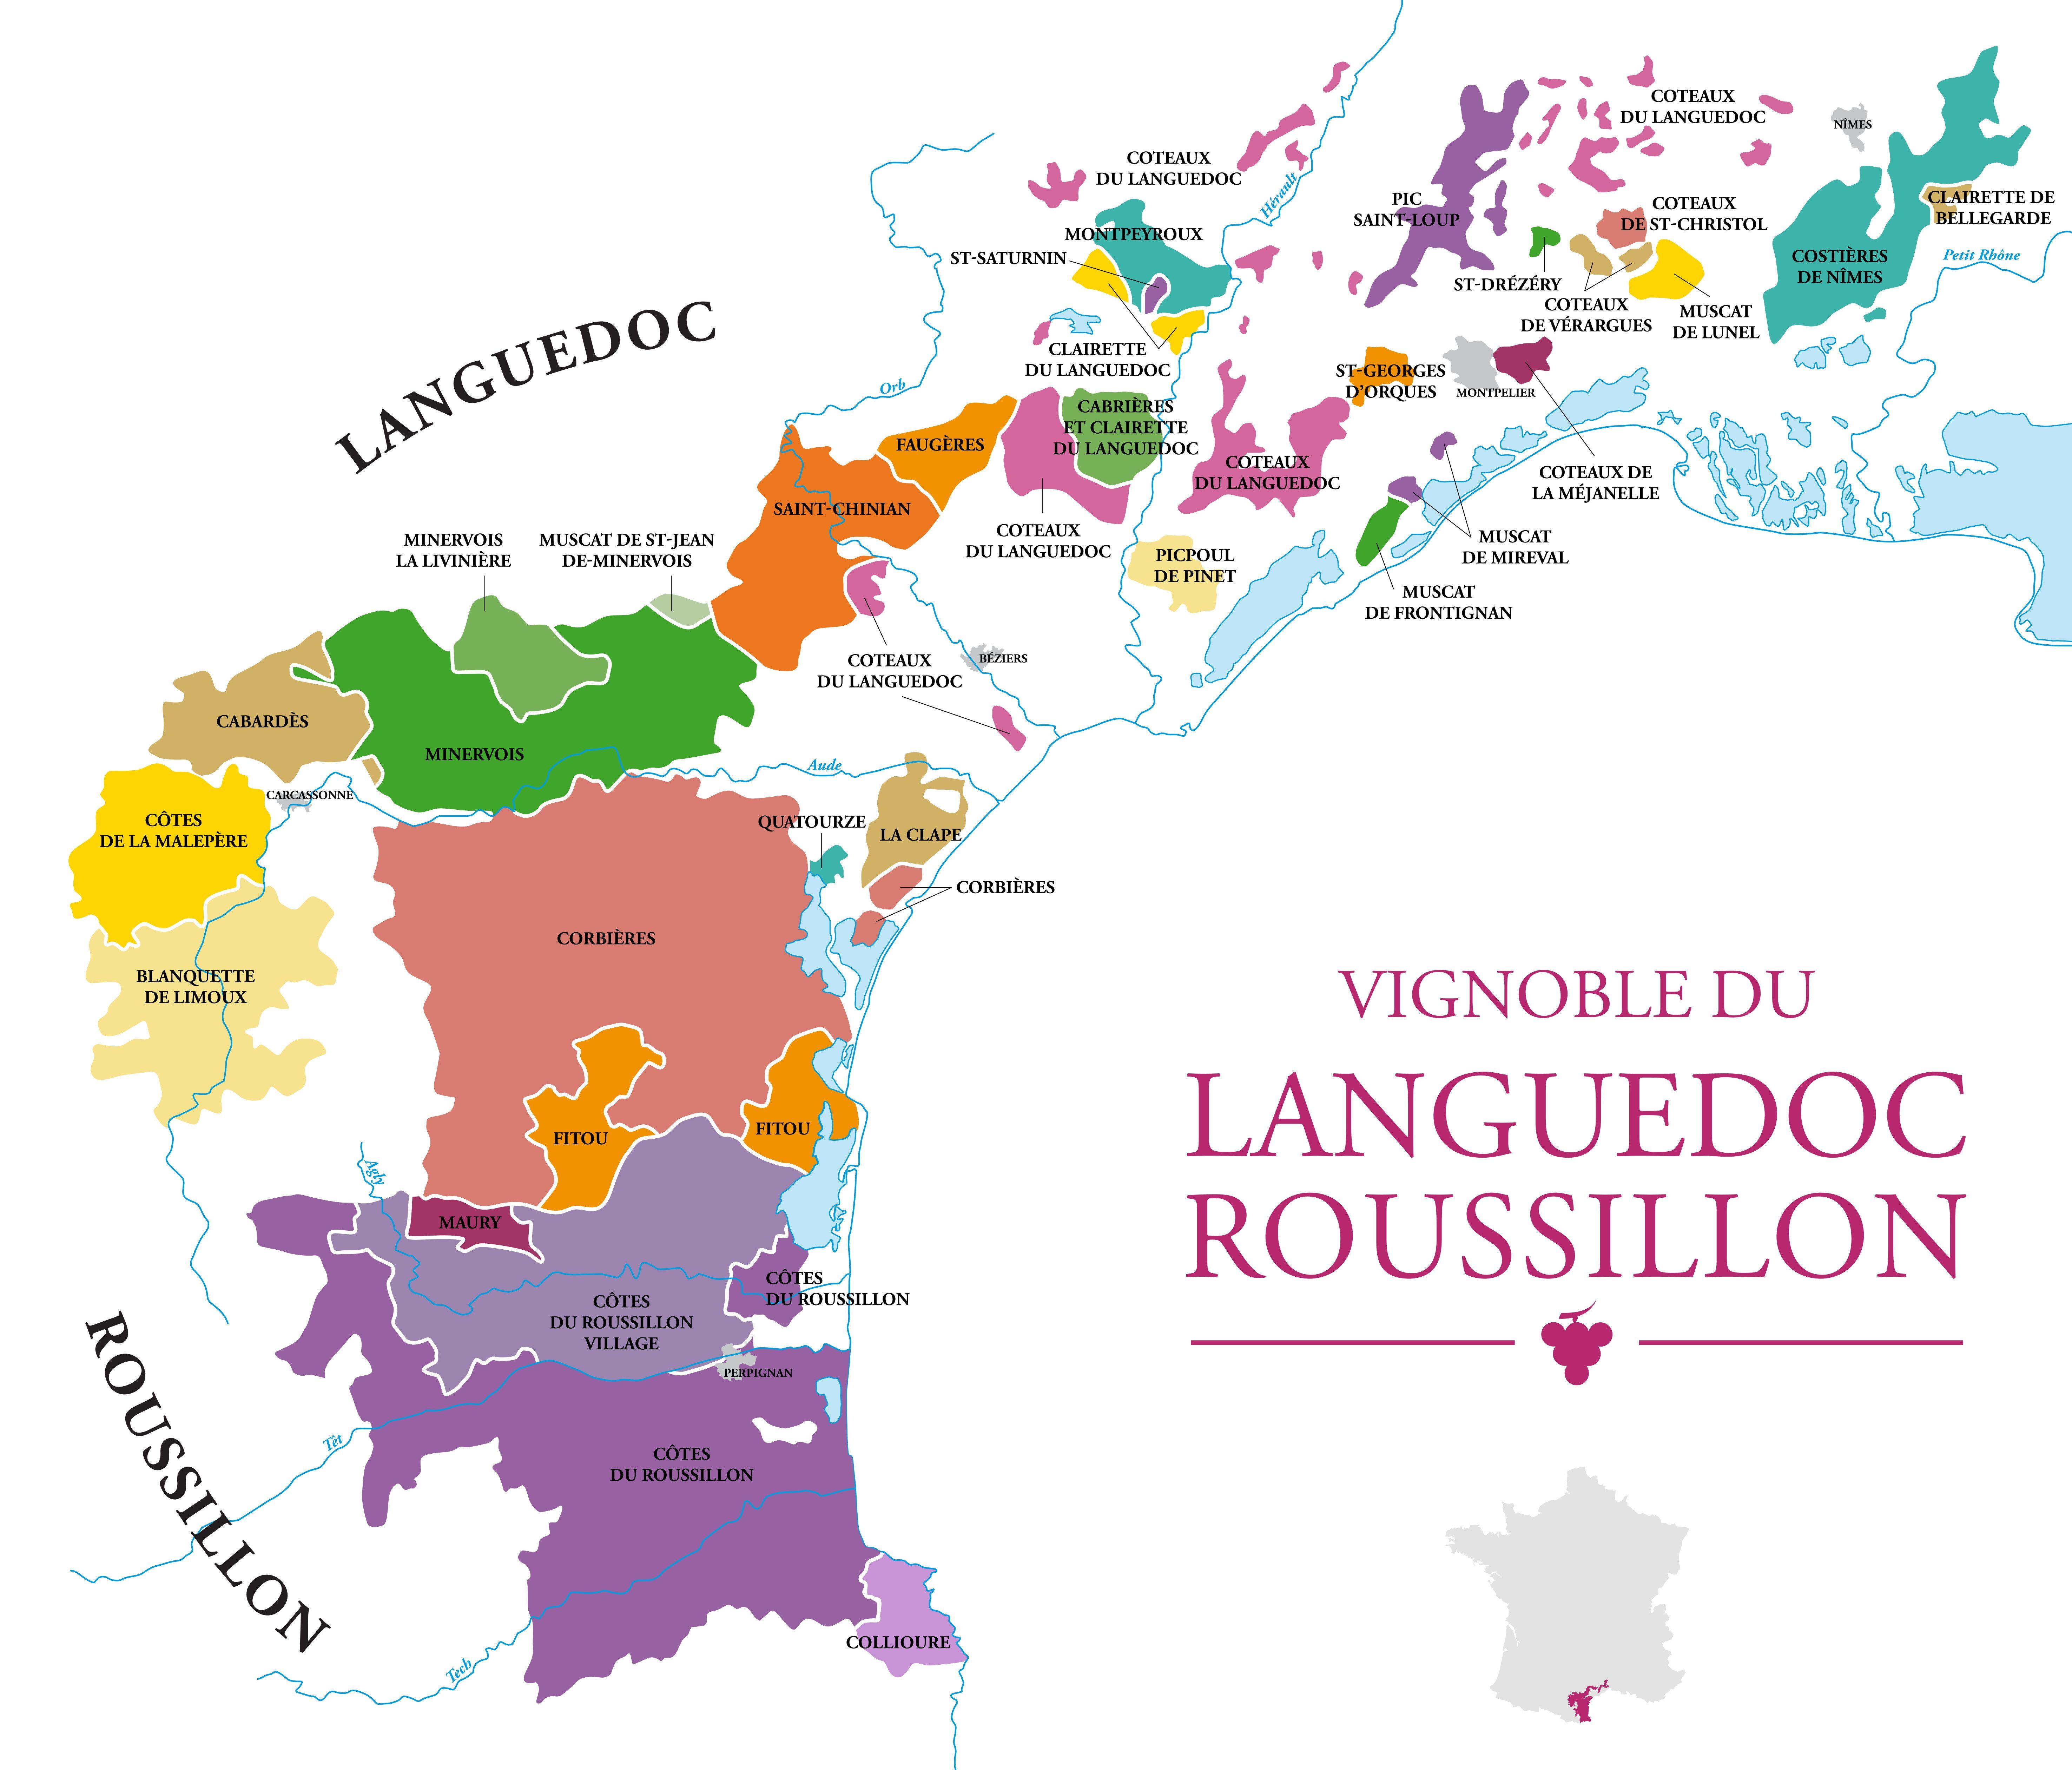 Presque 250 000 Ha De Vignes Voila La Superficie Du Vignoble Du Languedoc Roussillon Un Des Plus Grand Et Ancien Vi Vignoble Carte Des Vins Vignoble Francais